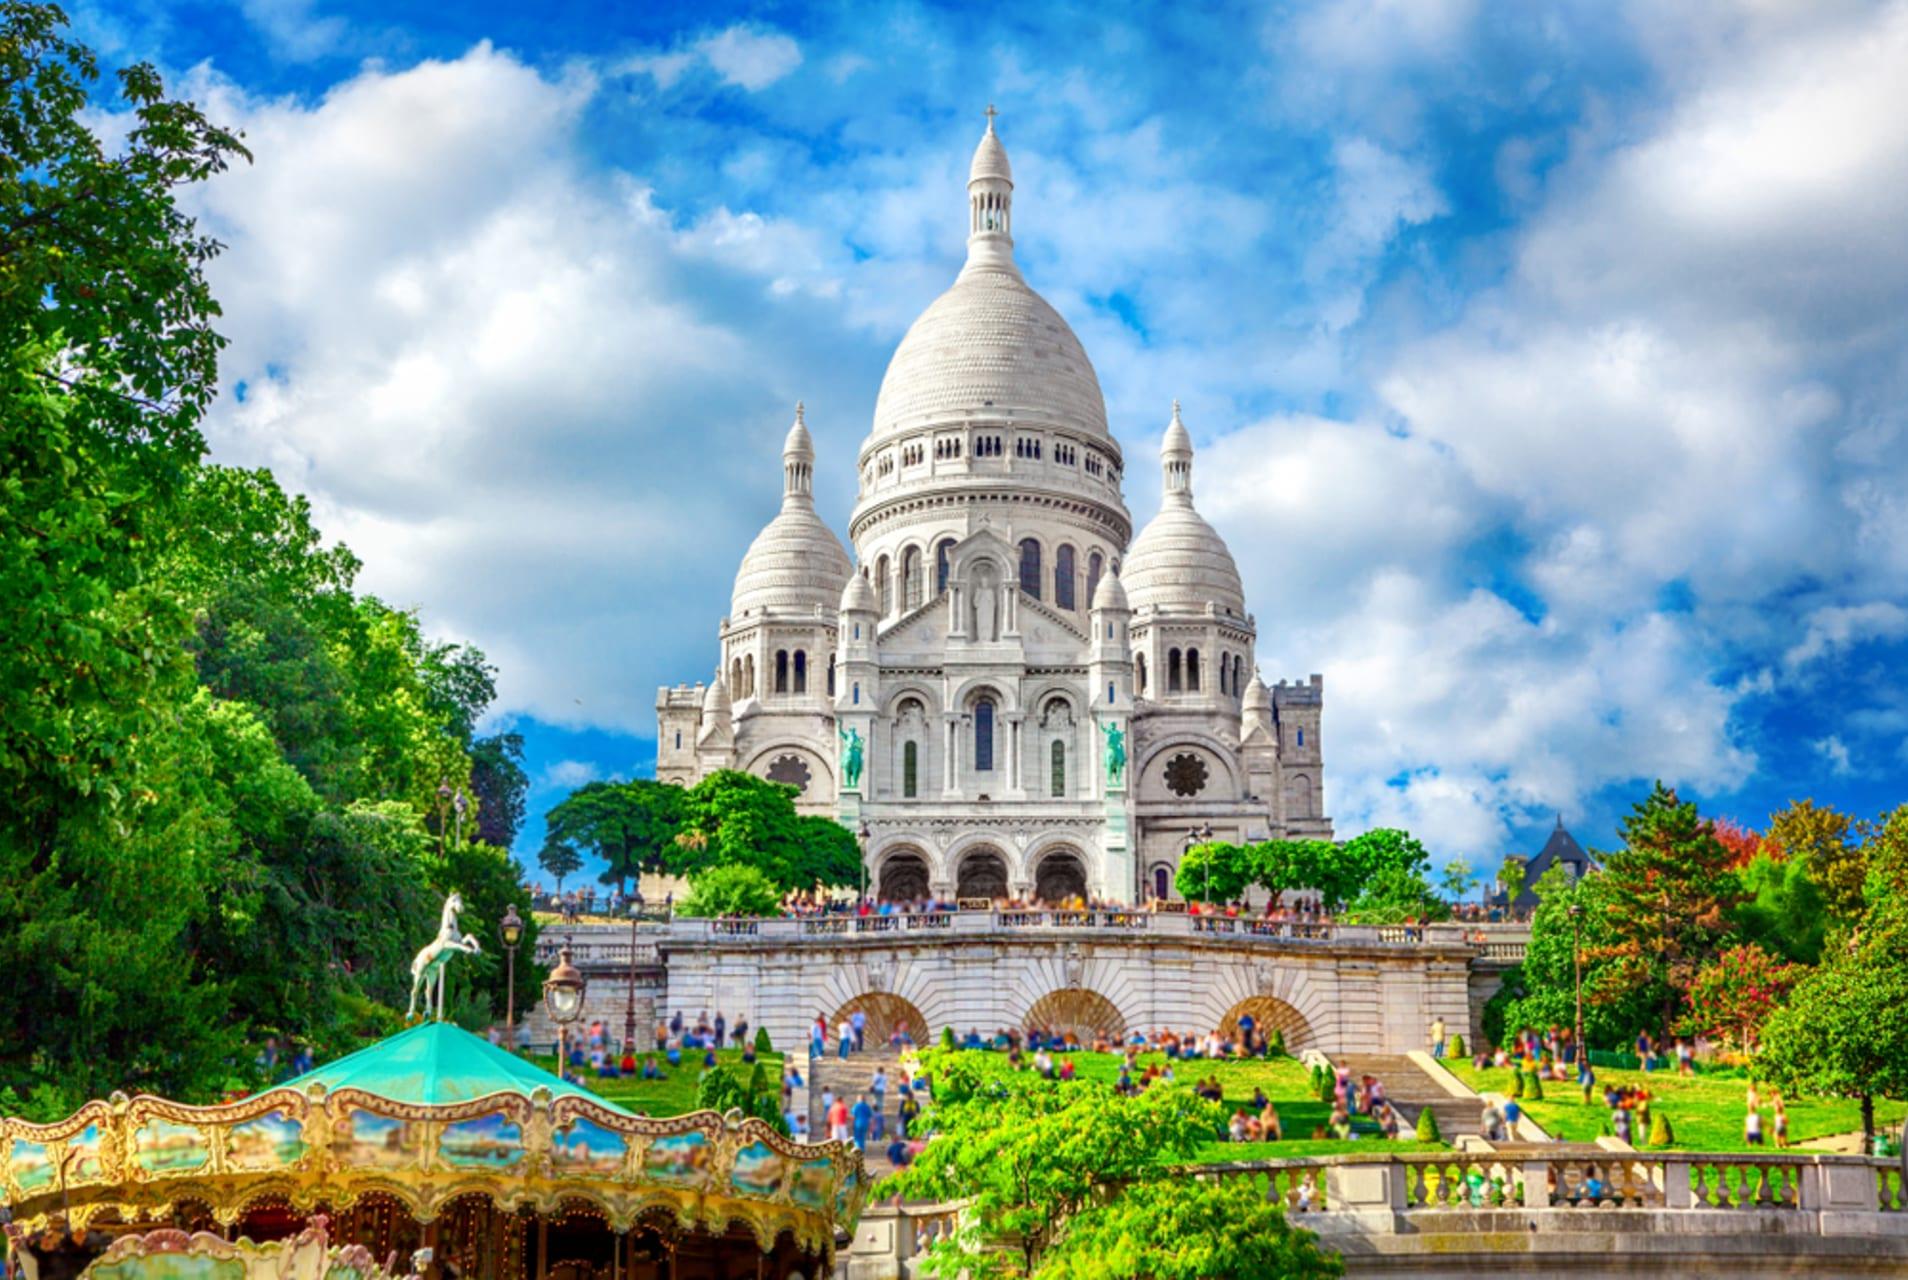 Paris - Montmartre, Paris - Home of the Artists